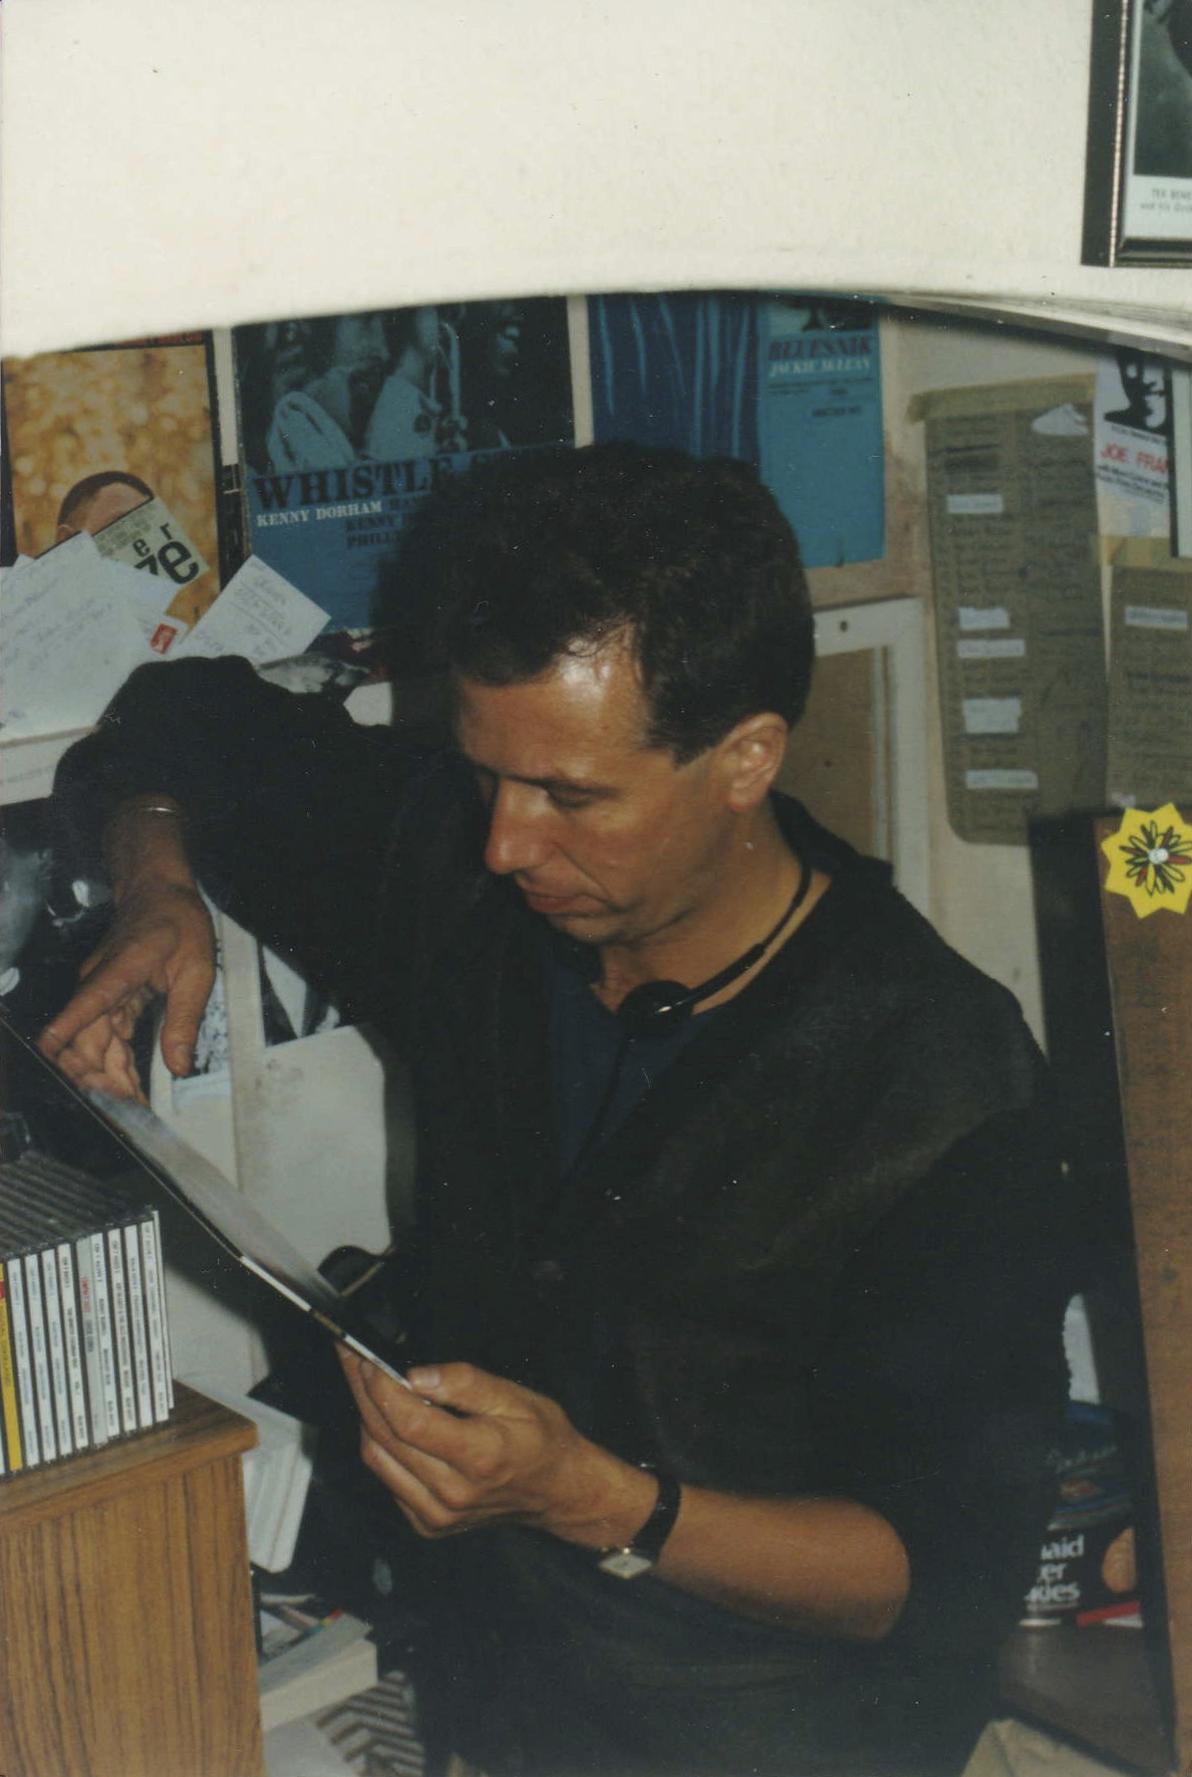 The Record Centre